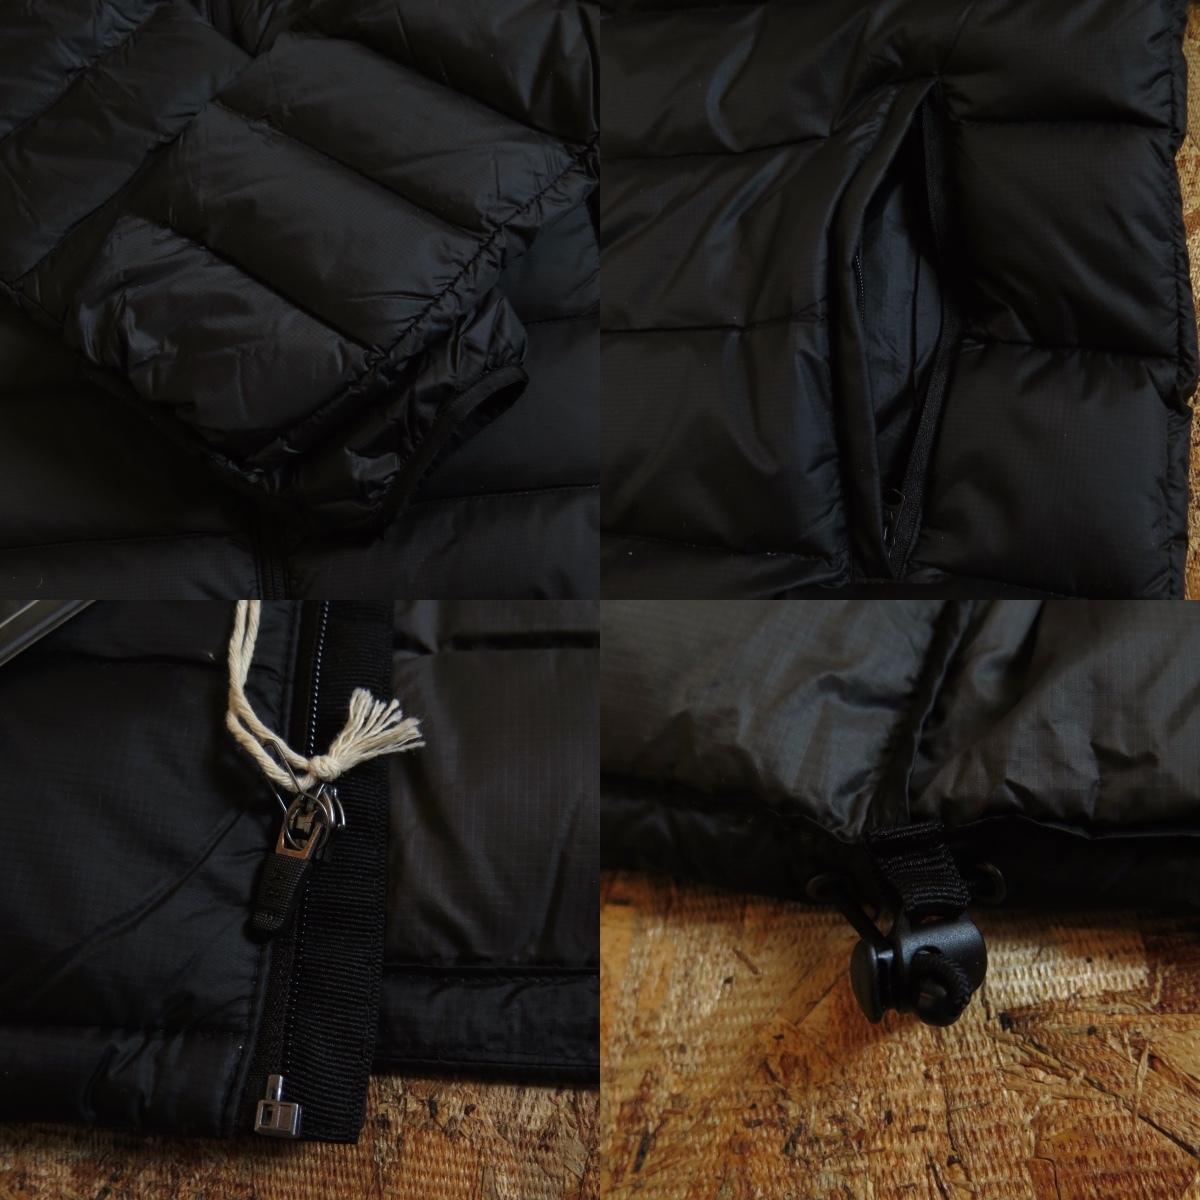 新品☆本物 NY購入 Abercrombie & Fitch Light Weight Down Jacket Mサイズ BLACK/黒 アバクロ ライトウェイト ダウンジャケット_画像8